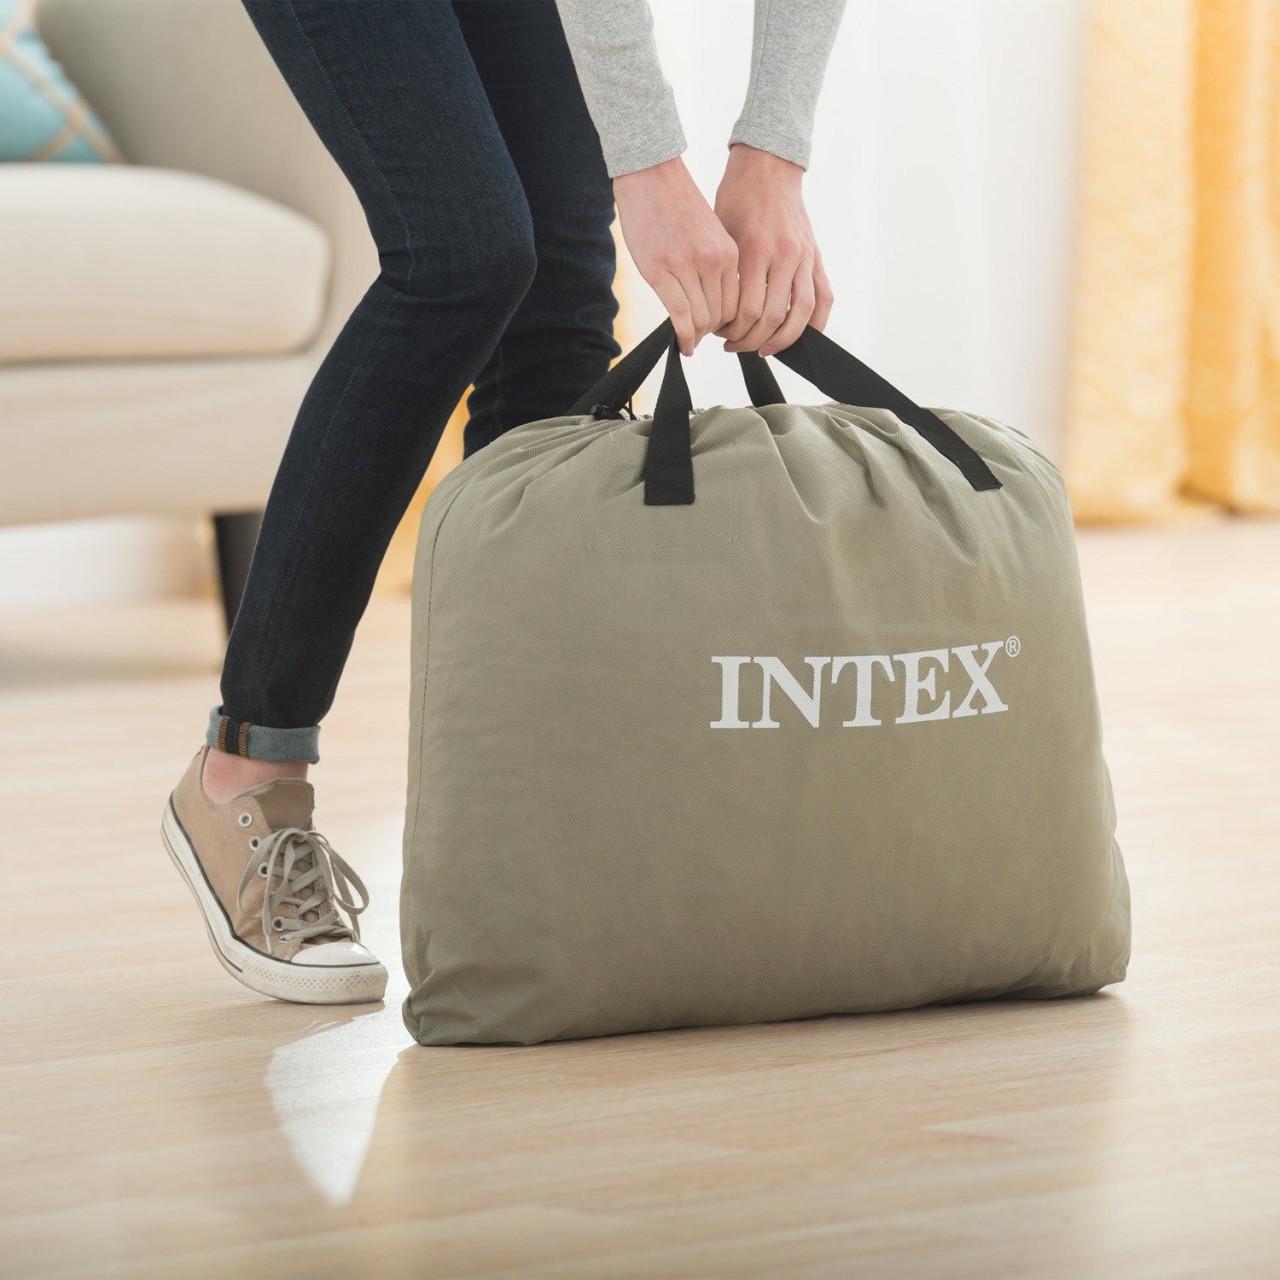 Intex Luftbett mit Pumpe Gästebett Luftmatratze 152x203x51 cm selbstaufblasend